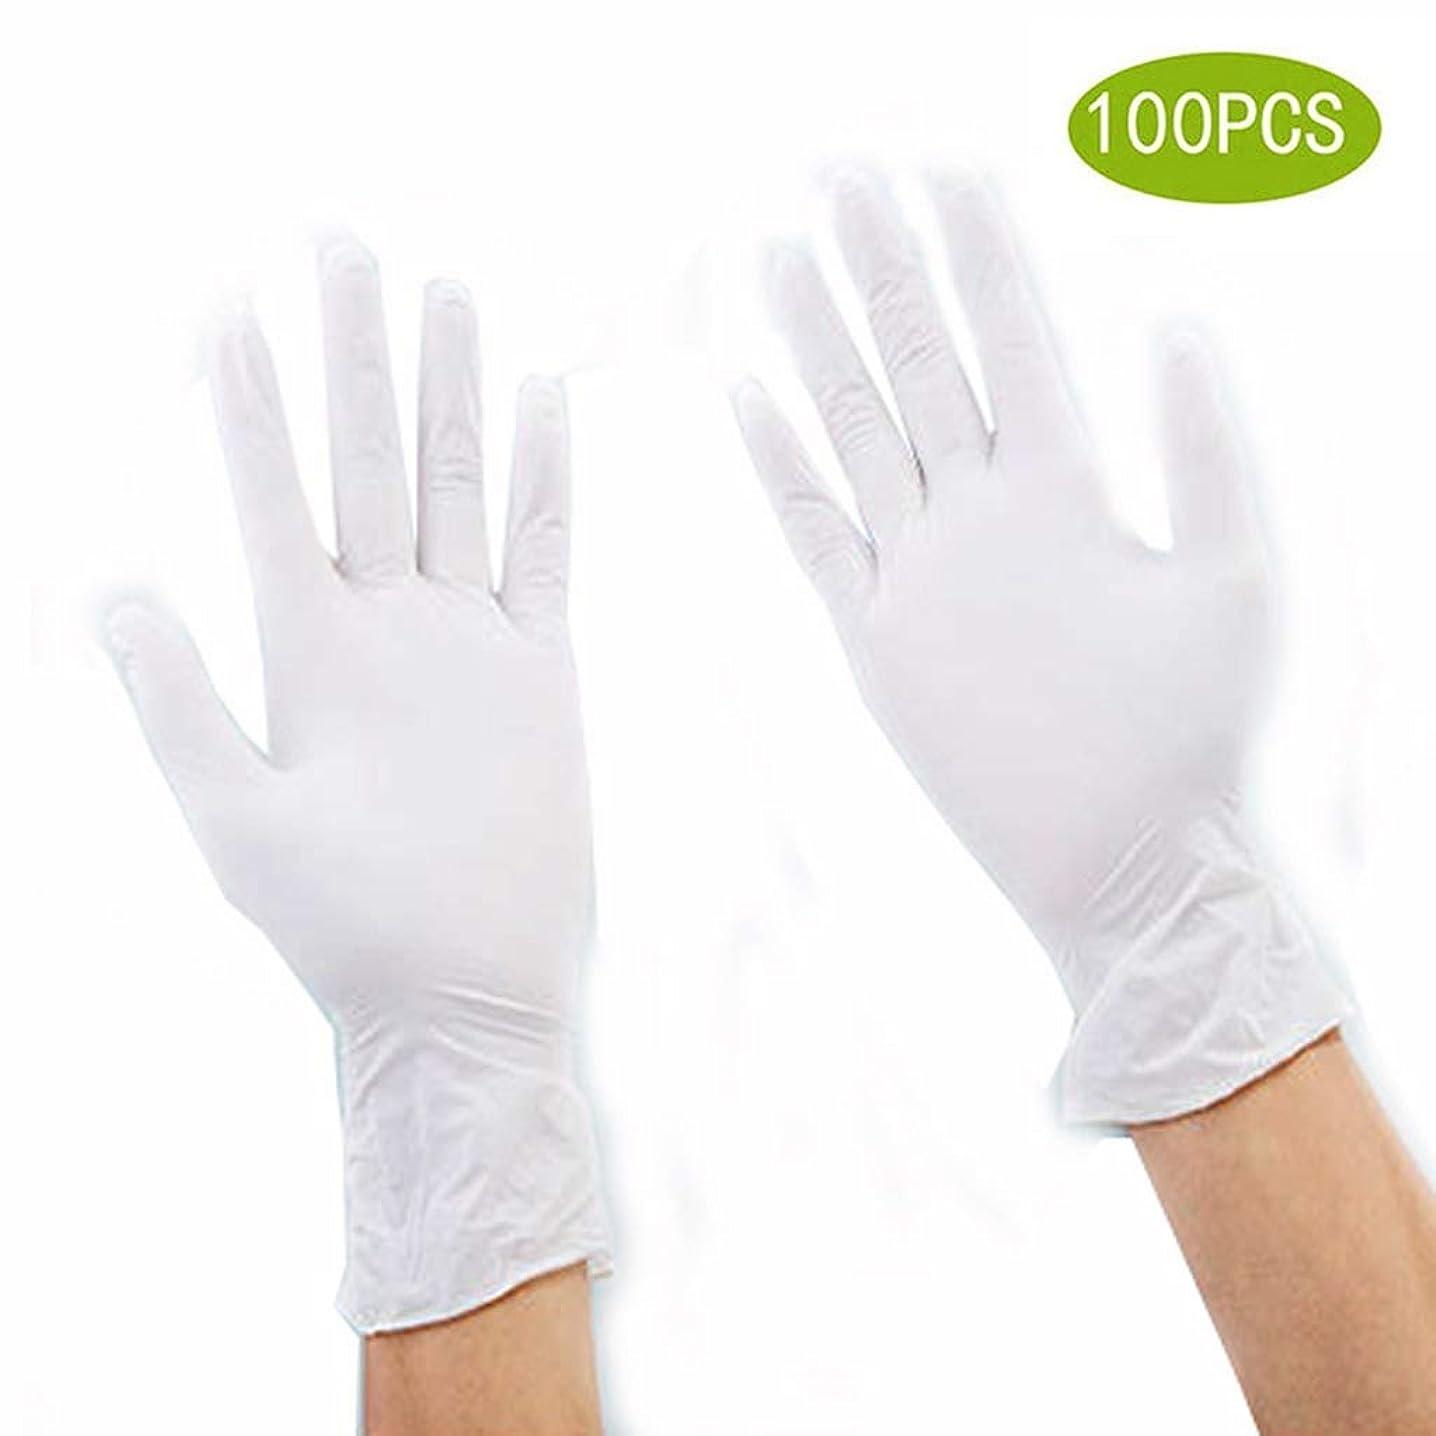 交渉するキャンプ魅力的であることへのアピール医療検査ニトリル手袋ボックス100、ラテックス/パウダーフリー、非滅菌手袋 - 安い、ディスカウント価格病院のための専門の等級、法執行機関、食糧販売業者、入れ墨の芸術家、家の使用 (Size : L)